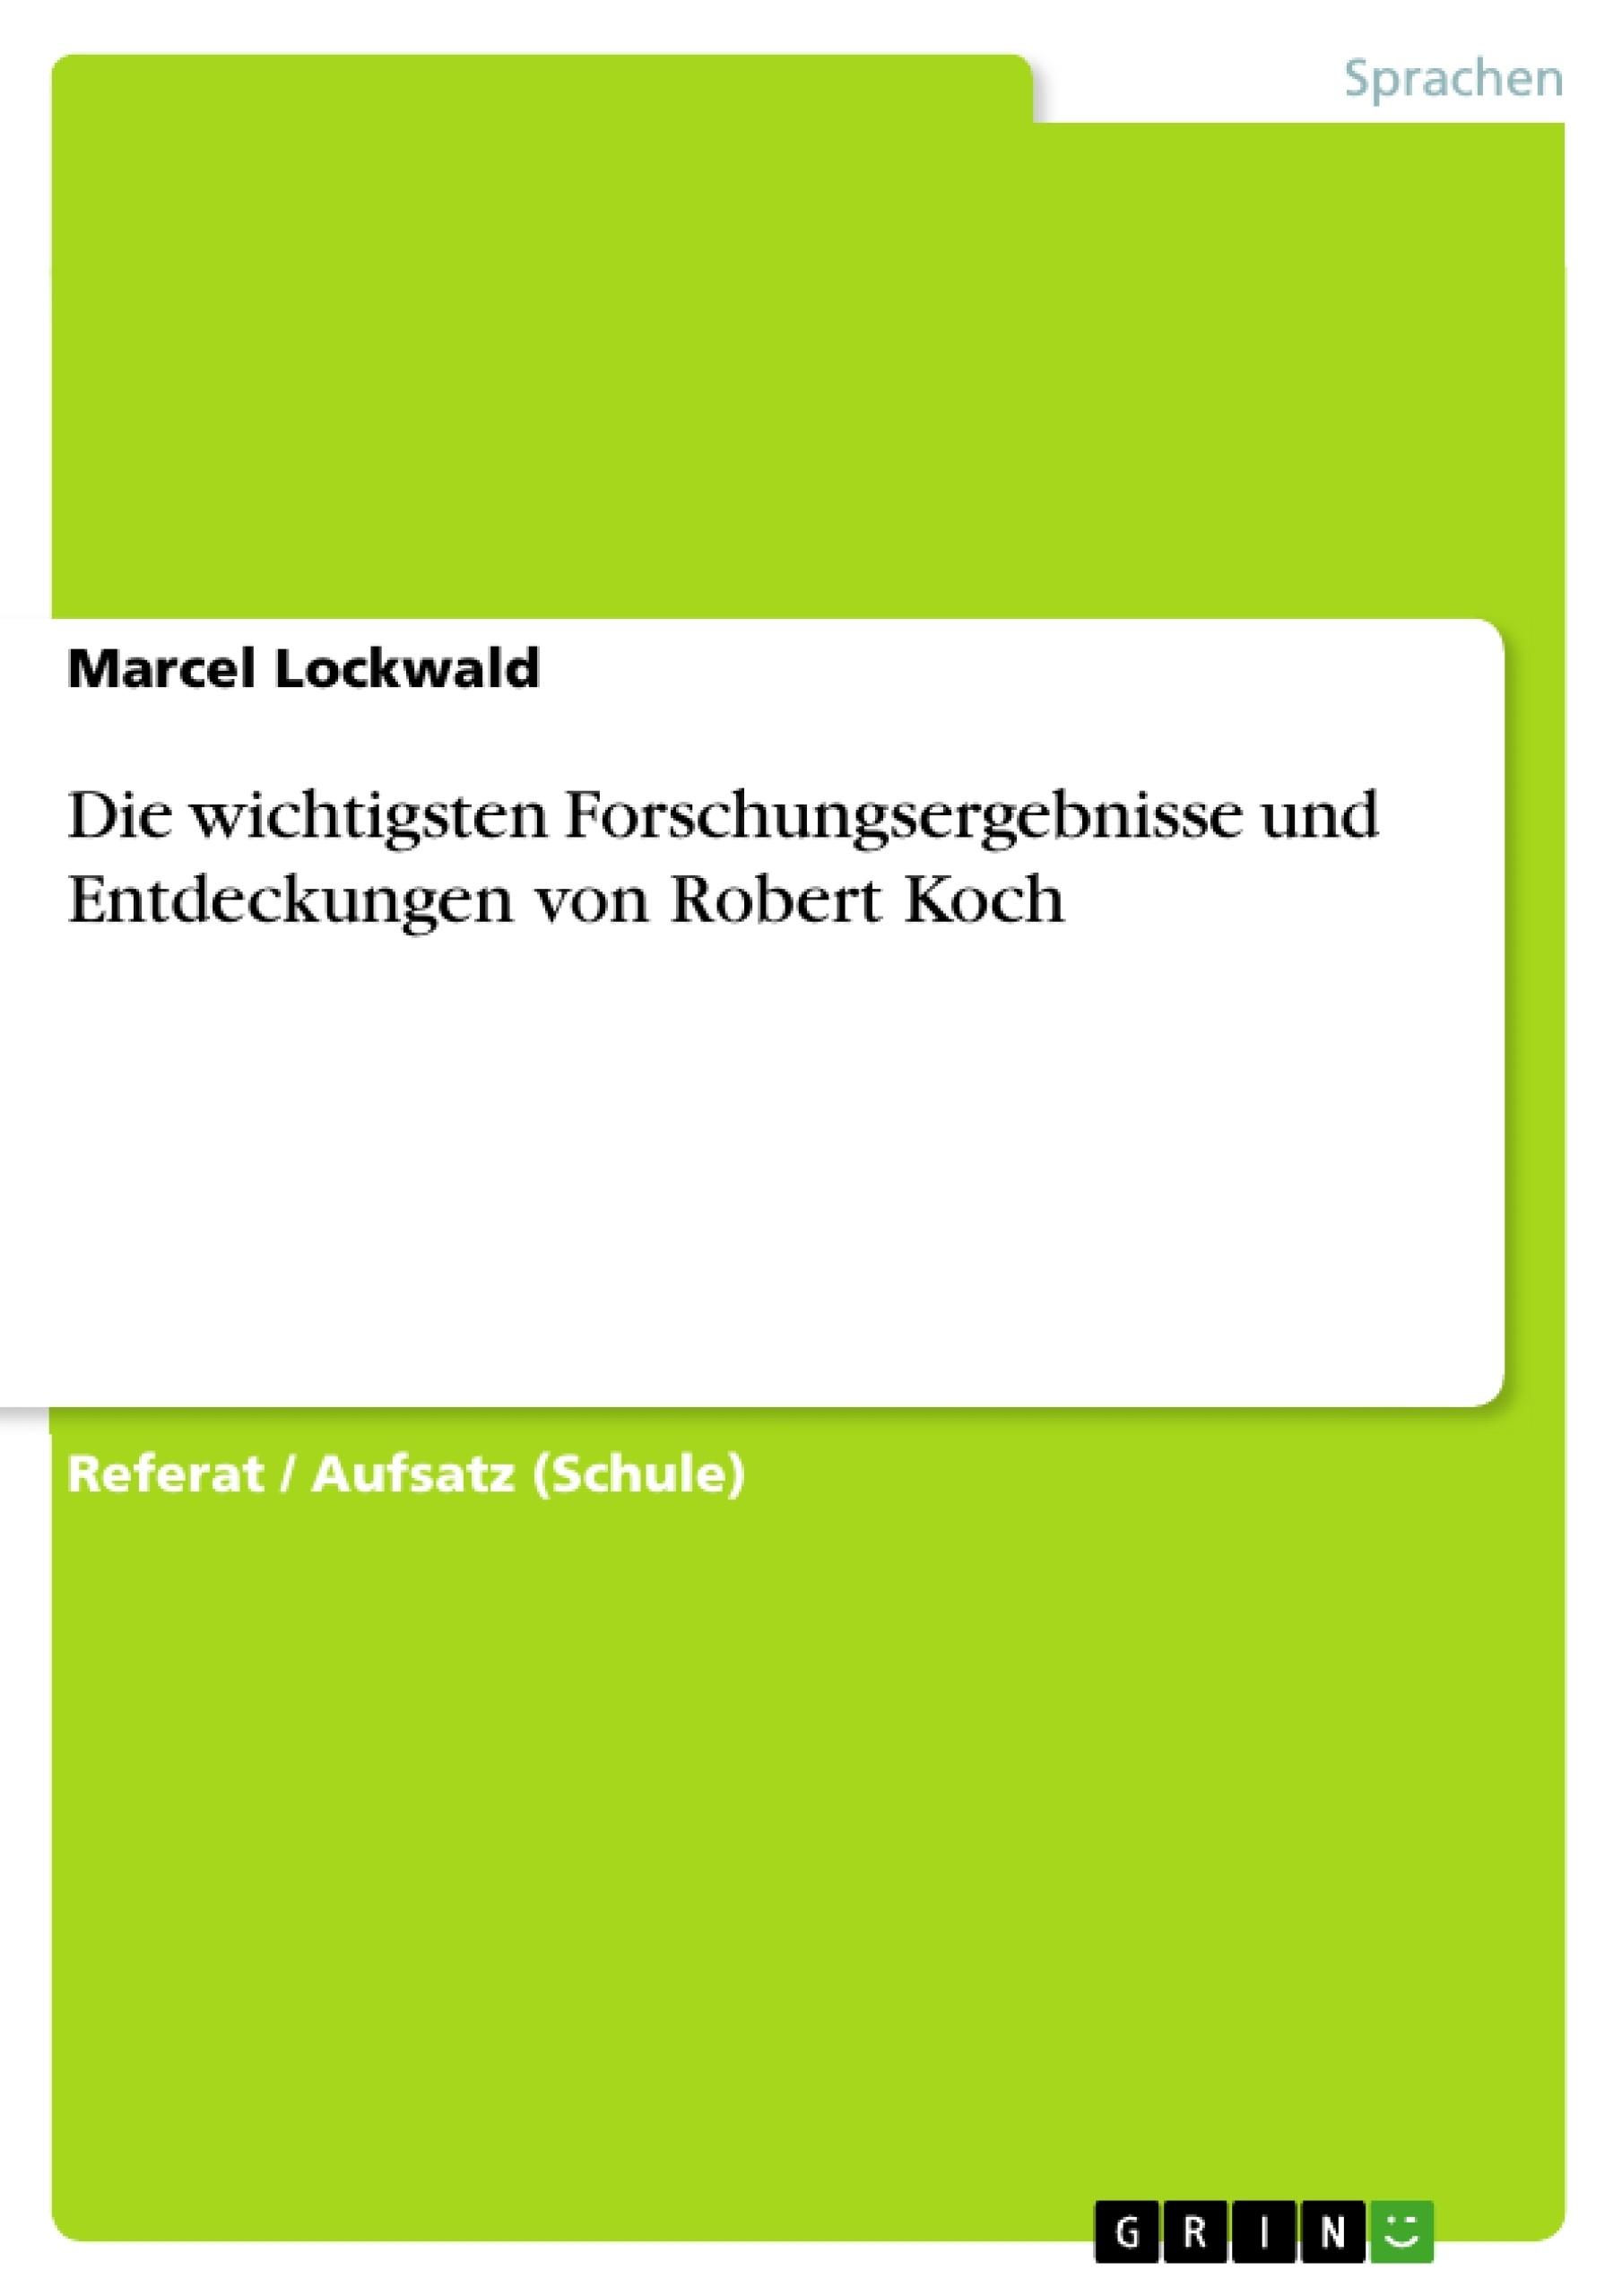 Titel: Die wichtigsten Forschungsergebnisse und Entdeckungen von Robert Koch